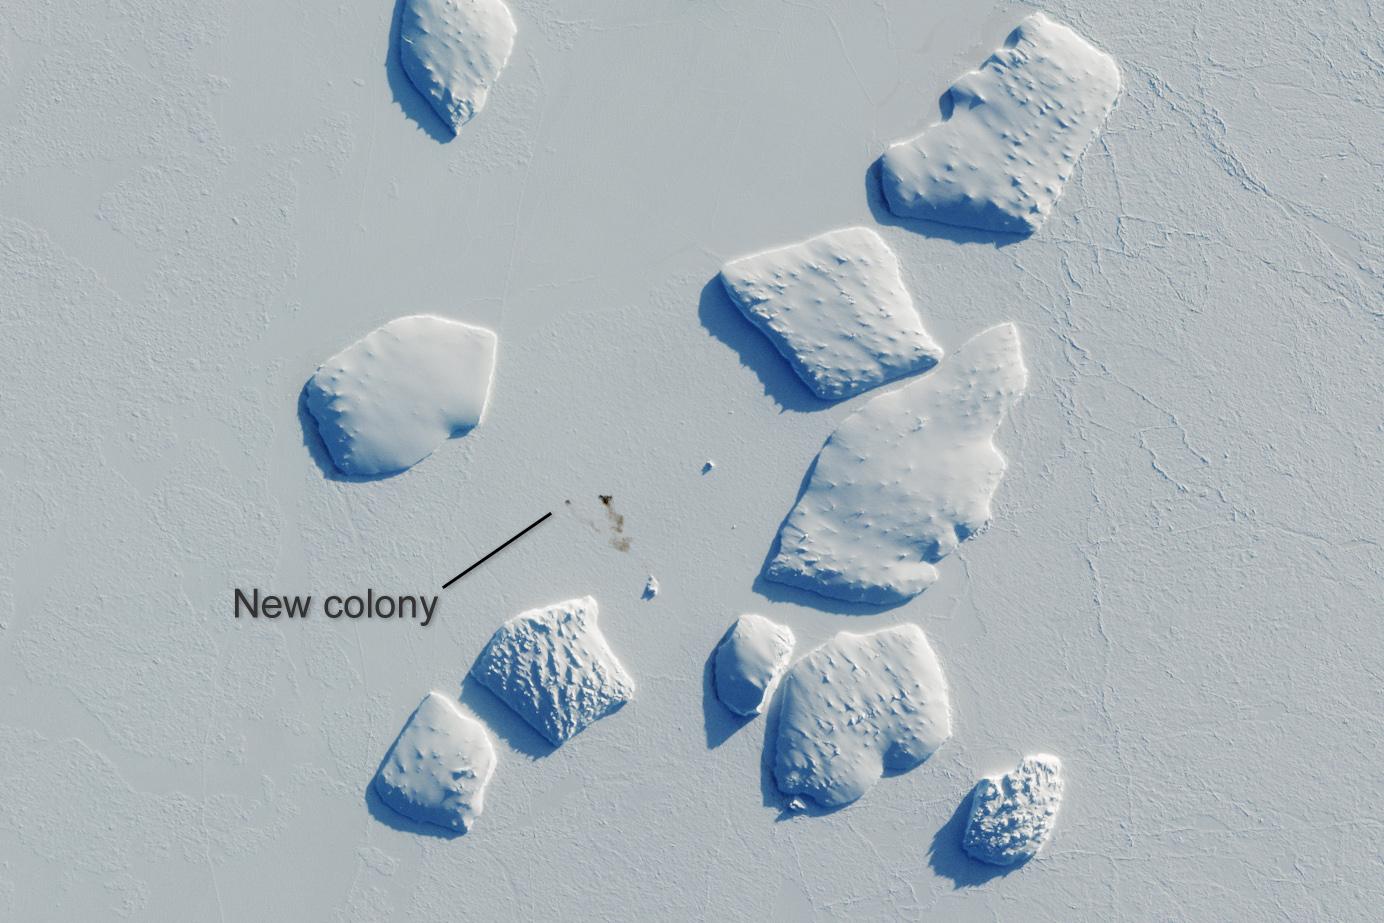 Ninnis Bank - jedna z nowych kolonii pingwina cesarskiego, odkryta dzięki zastosowaniu zobrazowań satelitarnych Sentinel-2. Brązowe plamki na lodzie to ptasie odchody. Uwięzione w lodzie góry lodowe mają po około 2 km średnicy. For. ESA.